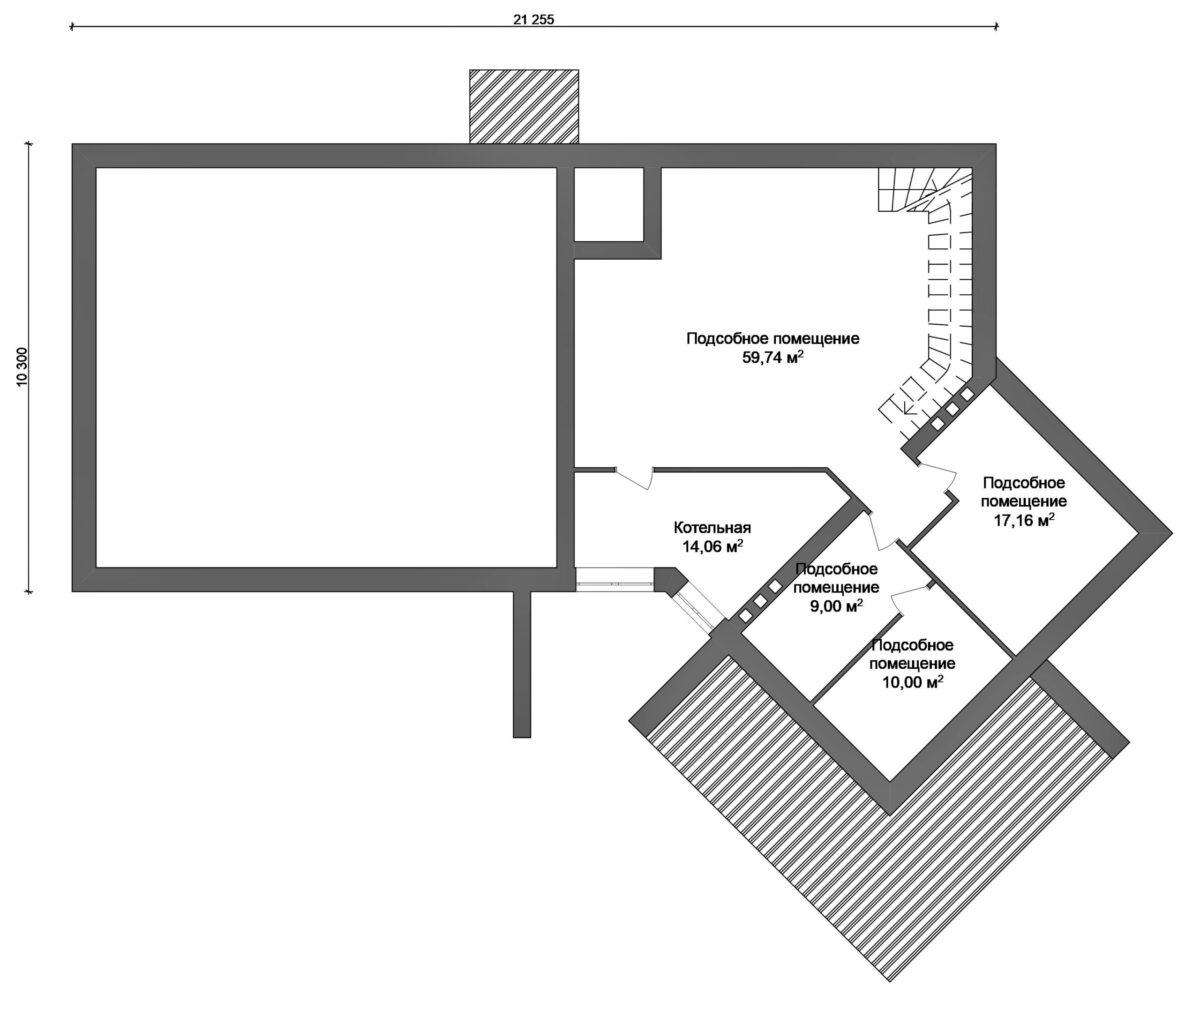 Автоном F-011 с видеообзором. Проект современного двухэтажного дома с цокольным этажом и плоской крышей